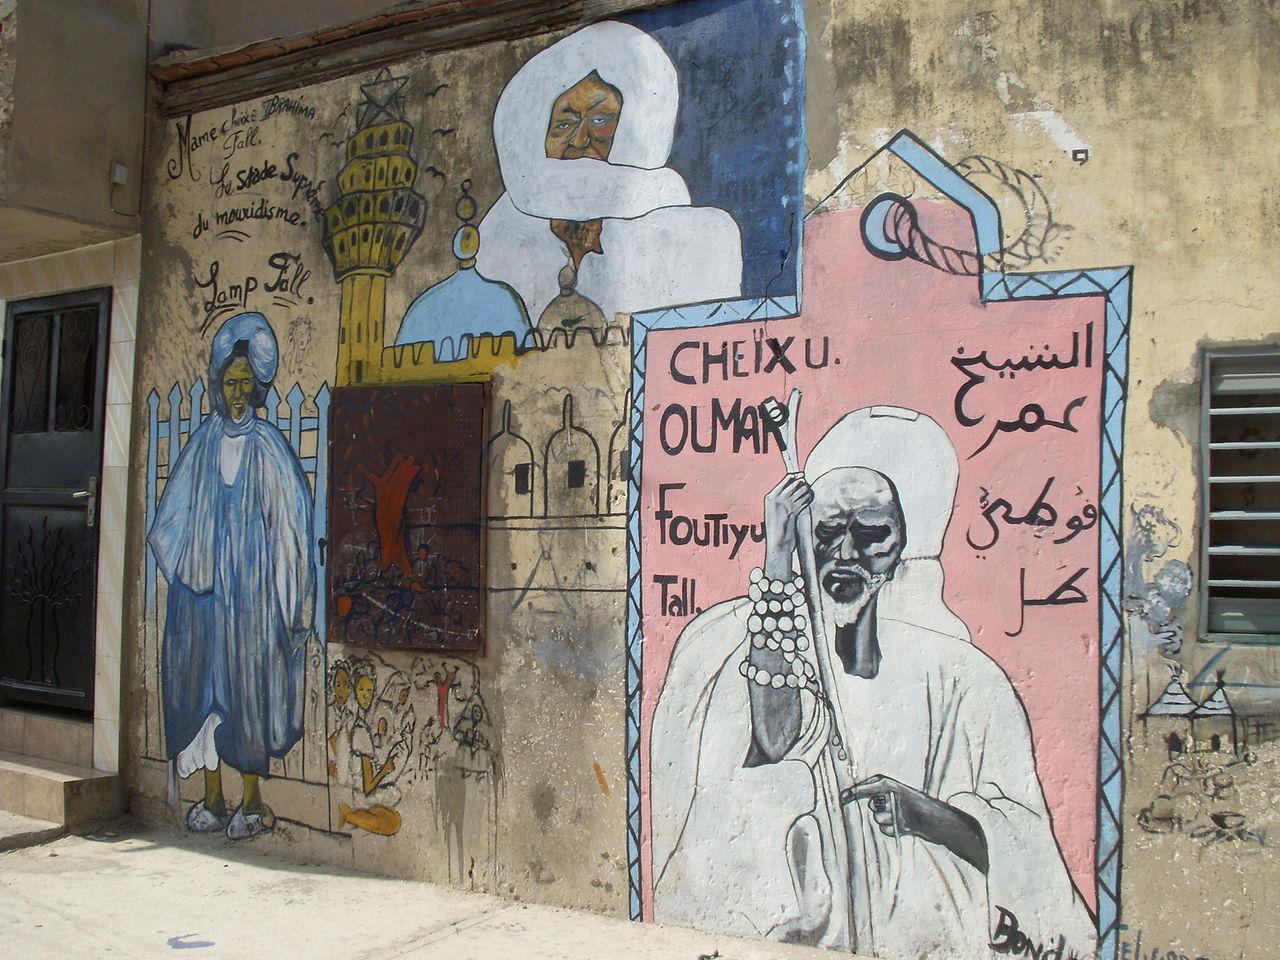 Fransa sömürgesine karşı savaşan bir Sufi lider: Şeyh Ömer Tall